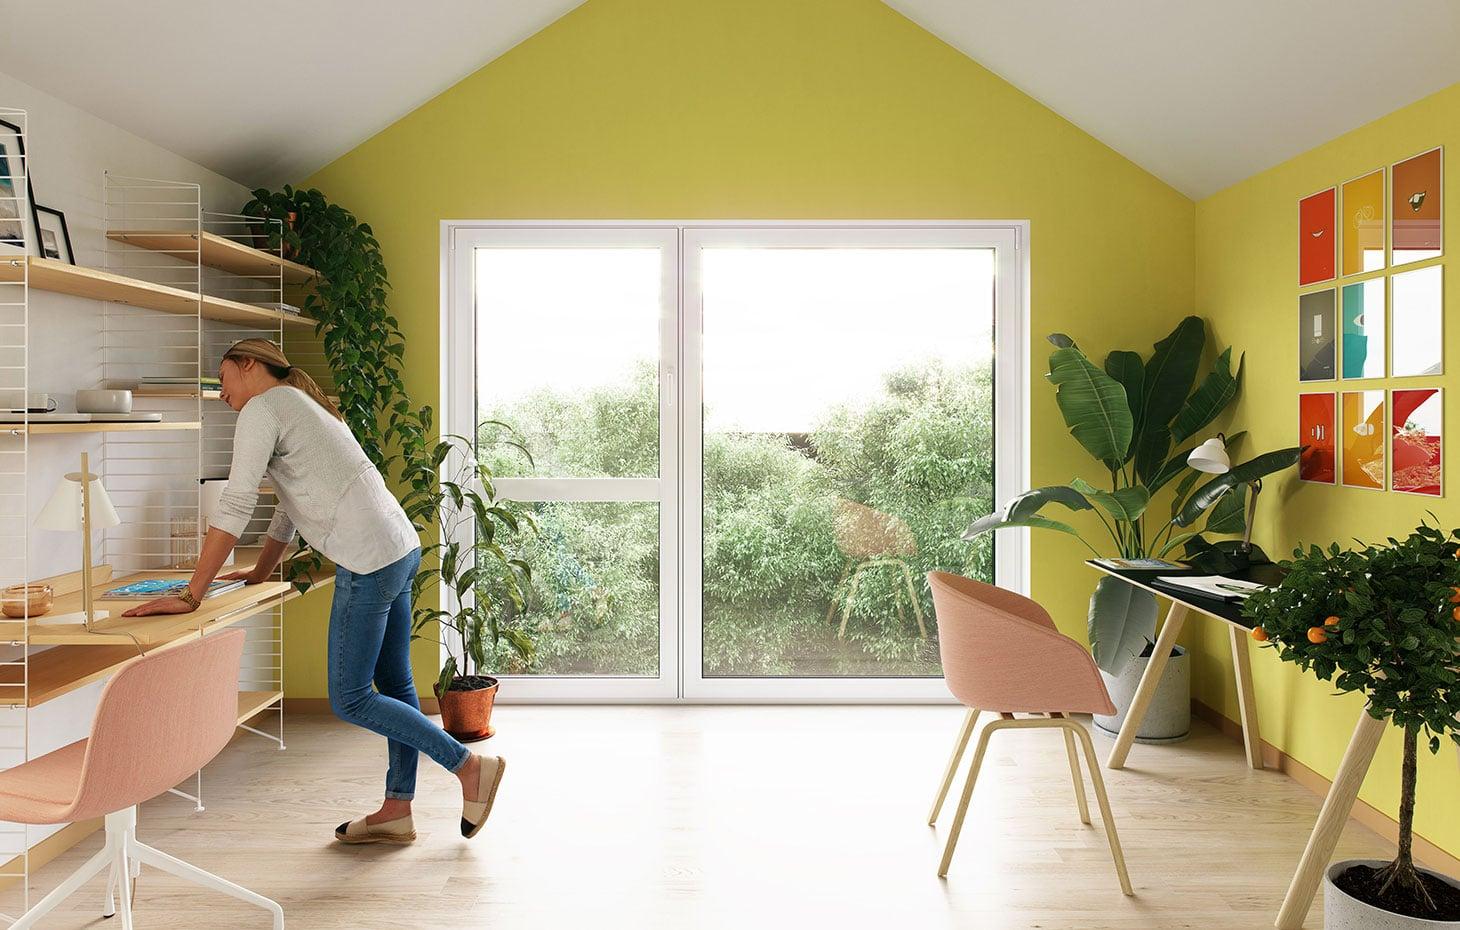 Einfamilienhaus in Holzverschalung und offenem Wohnraum bauen